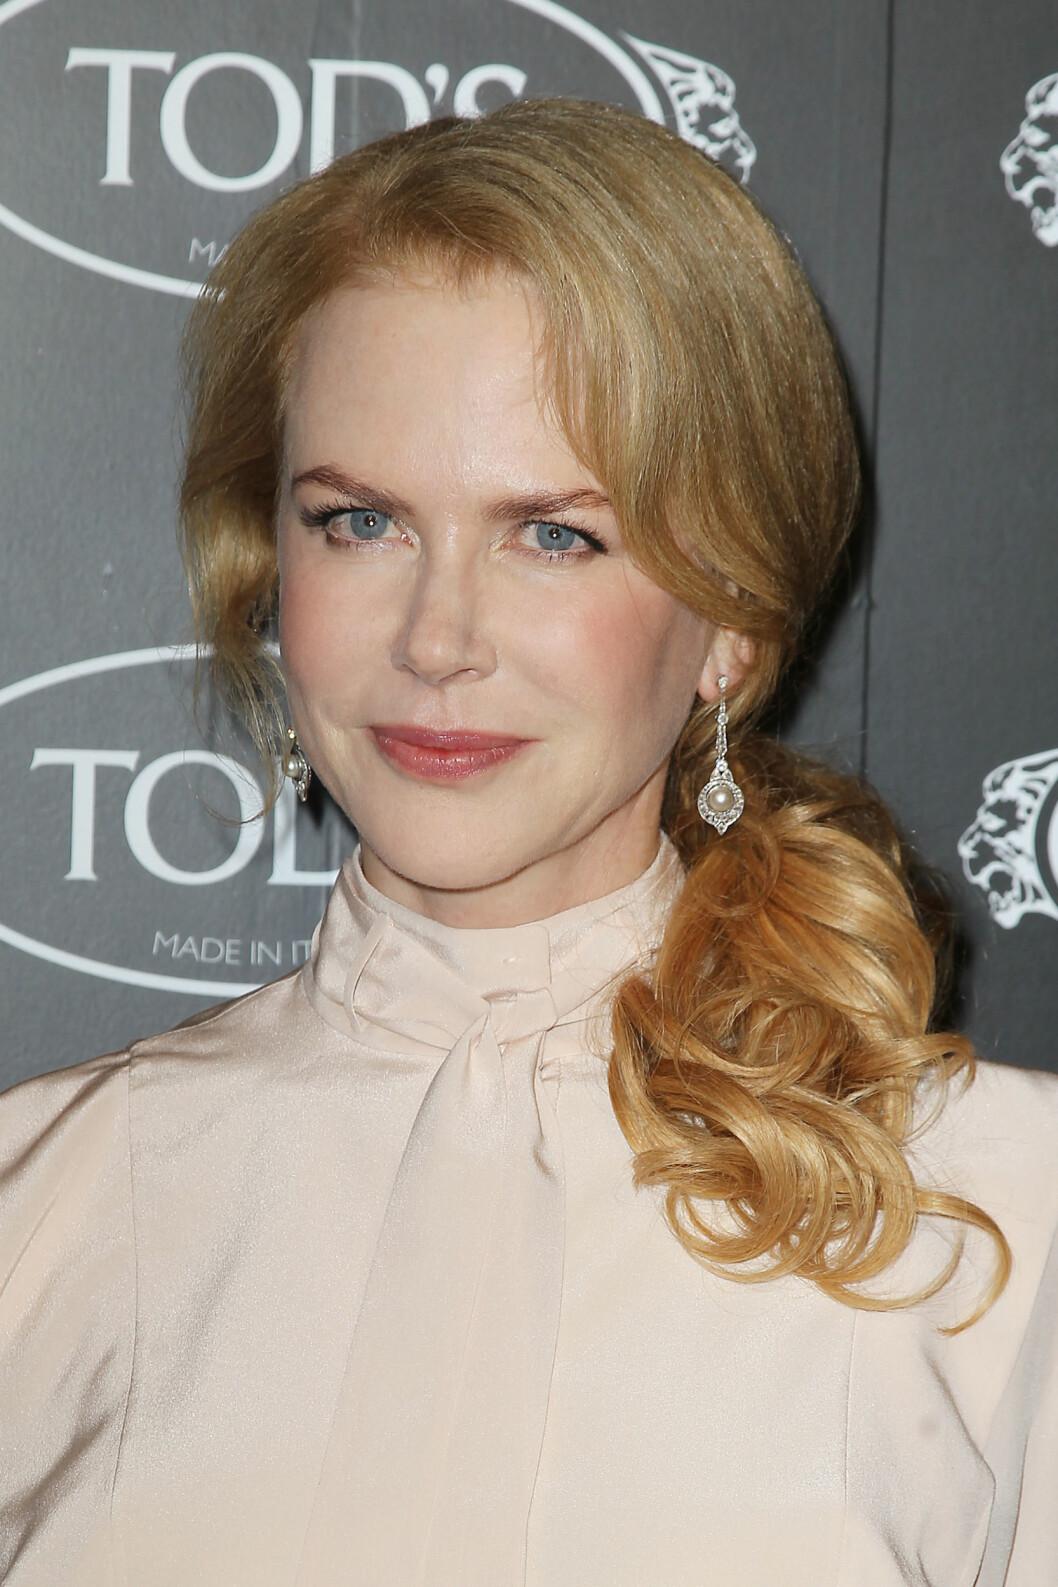 Nicole Kidman i år. Ifølge superstjernen har hun ikke gjort noe med utseendet, annet enn å ta vare på helsa, bruke solfaktor og ikke røyke. Foto: Amanda Schwab/Startraksphoto.com